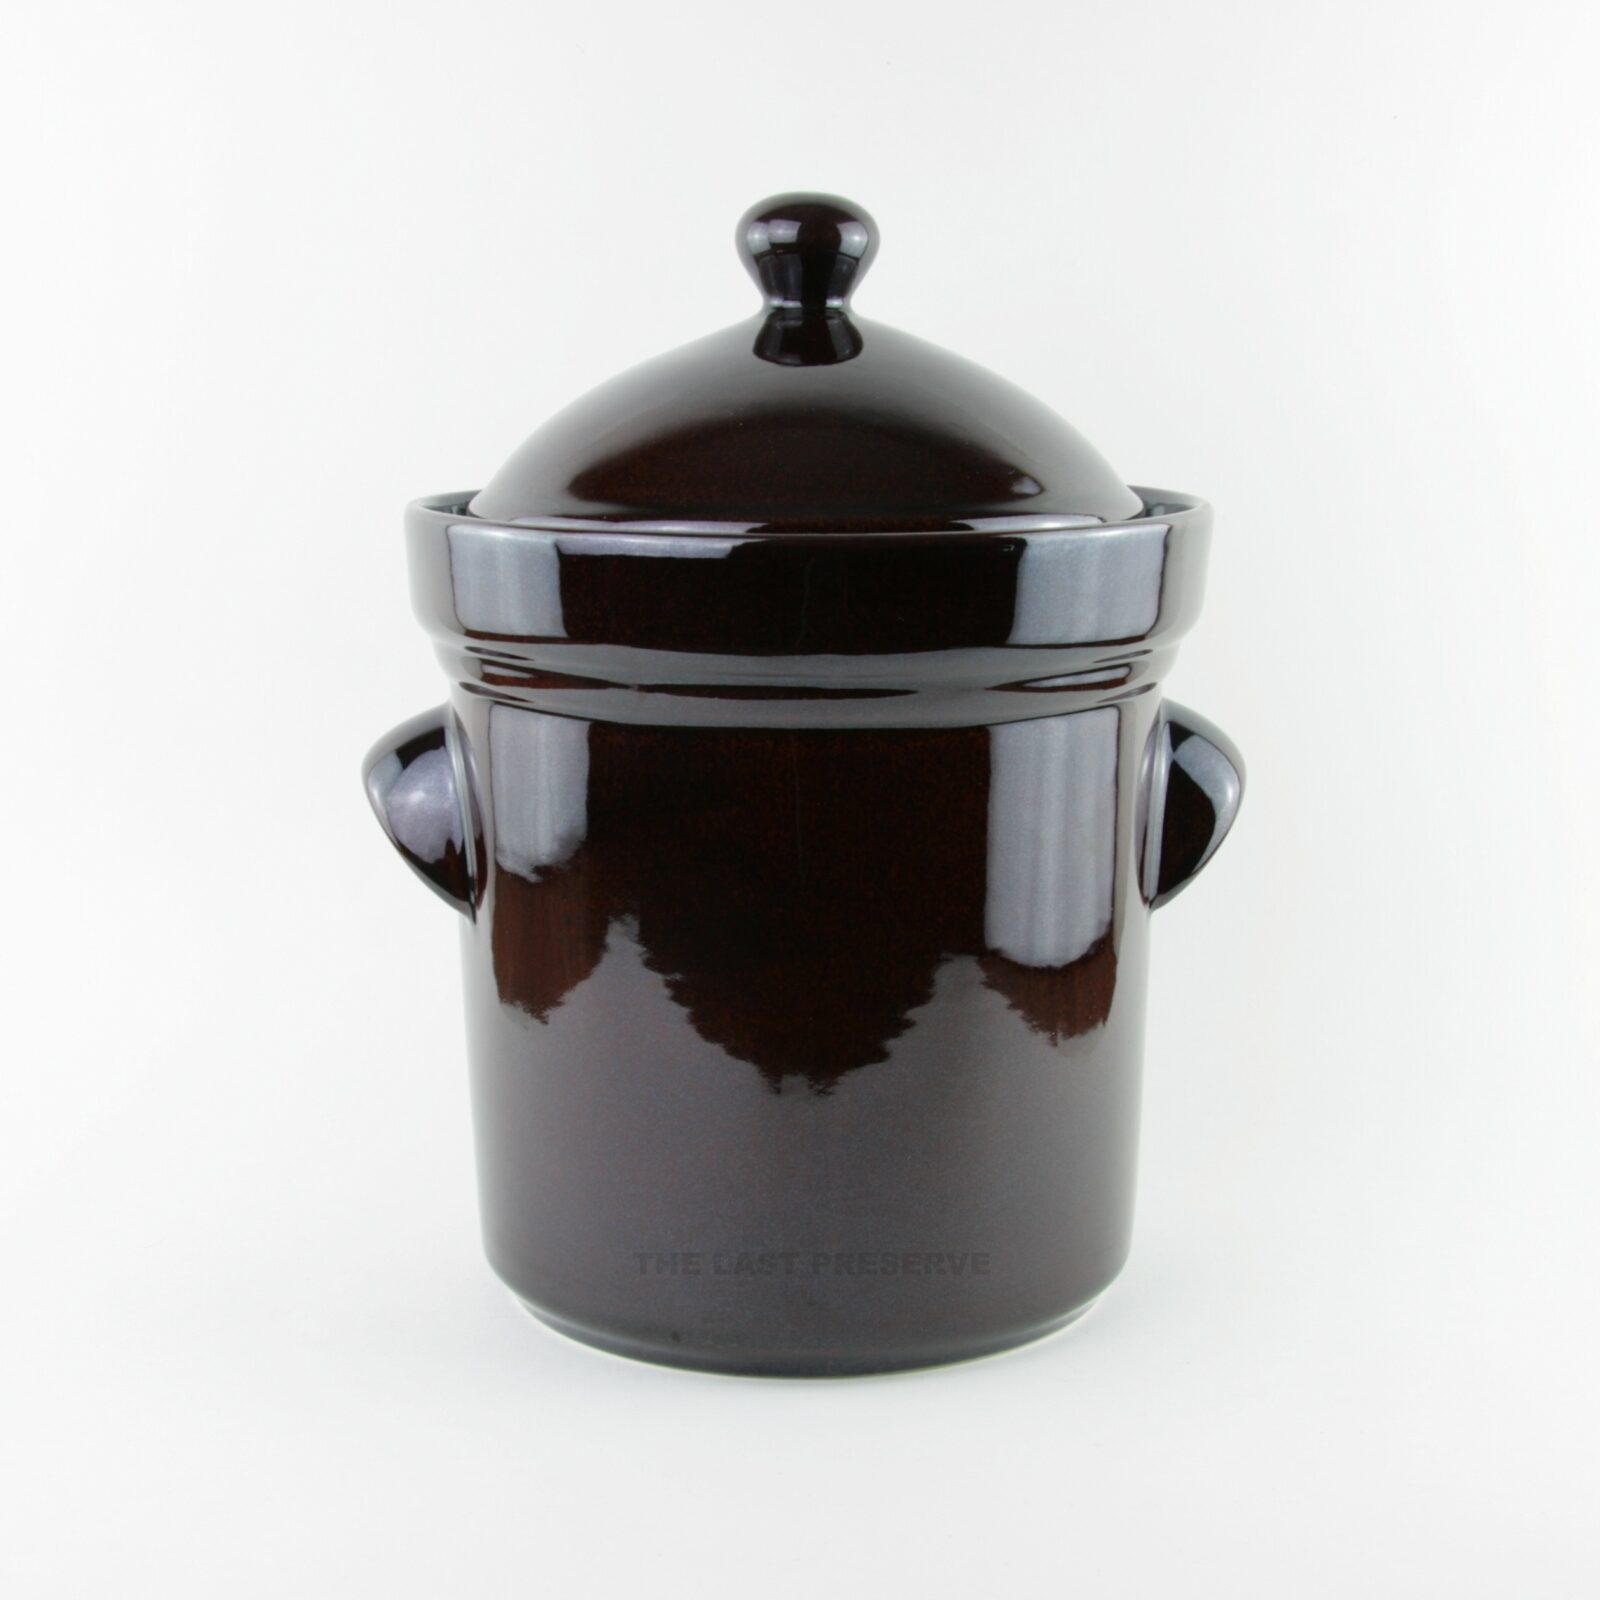 10 Litre brown ceramic fermentation crocks by Zaklady Ceramiczne Boleslawiec